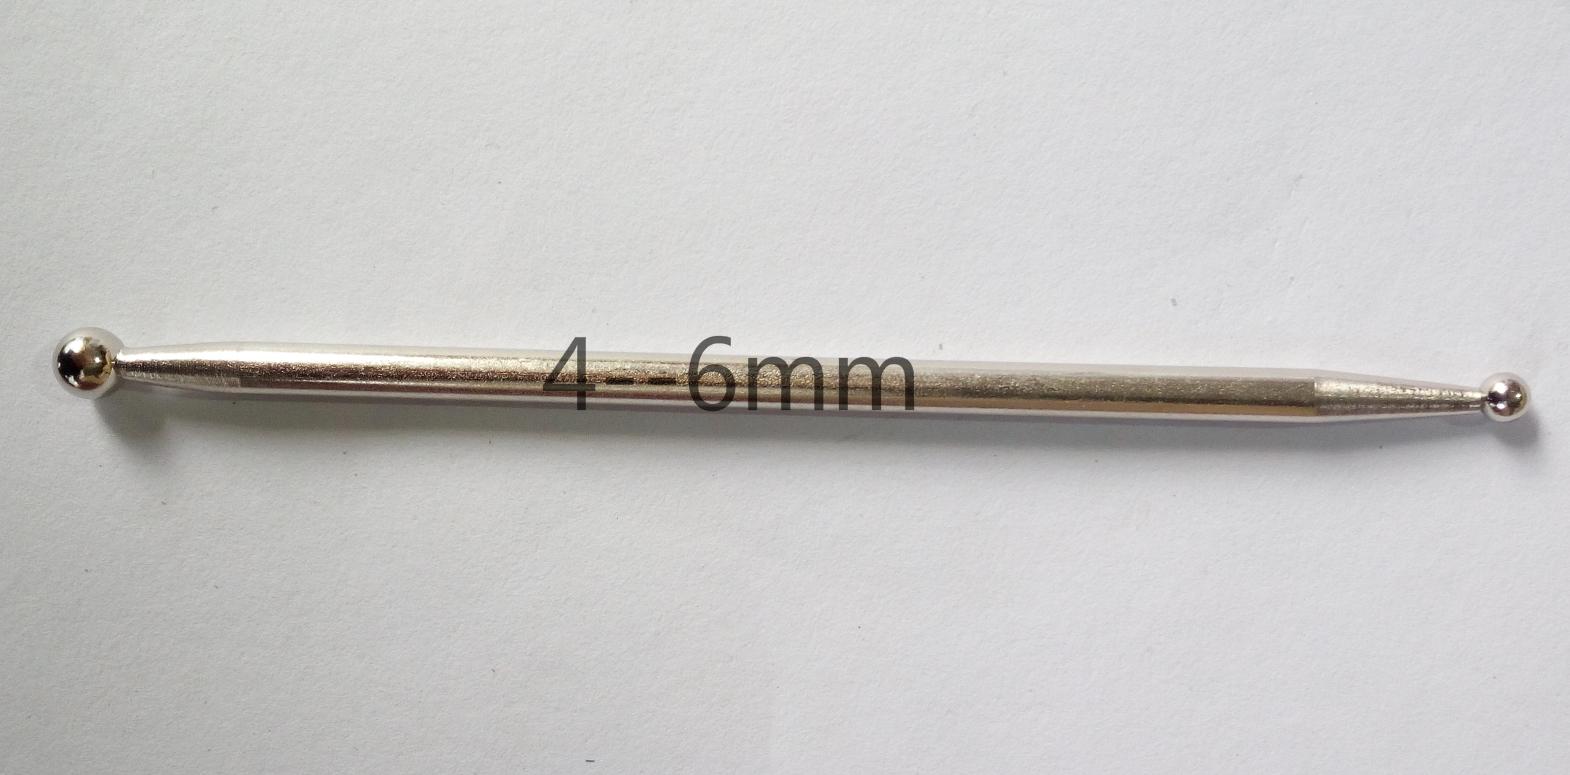 La costura simple envasado cuatro bolas de borde de la bola de acero con aleación de acero doble pistola de pegamento para limpiar la costura cono